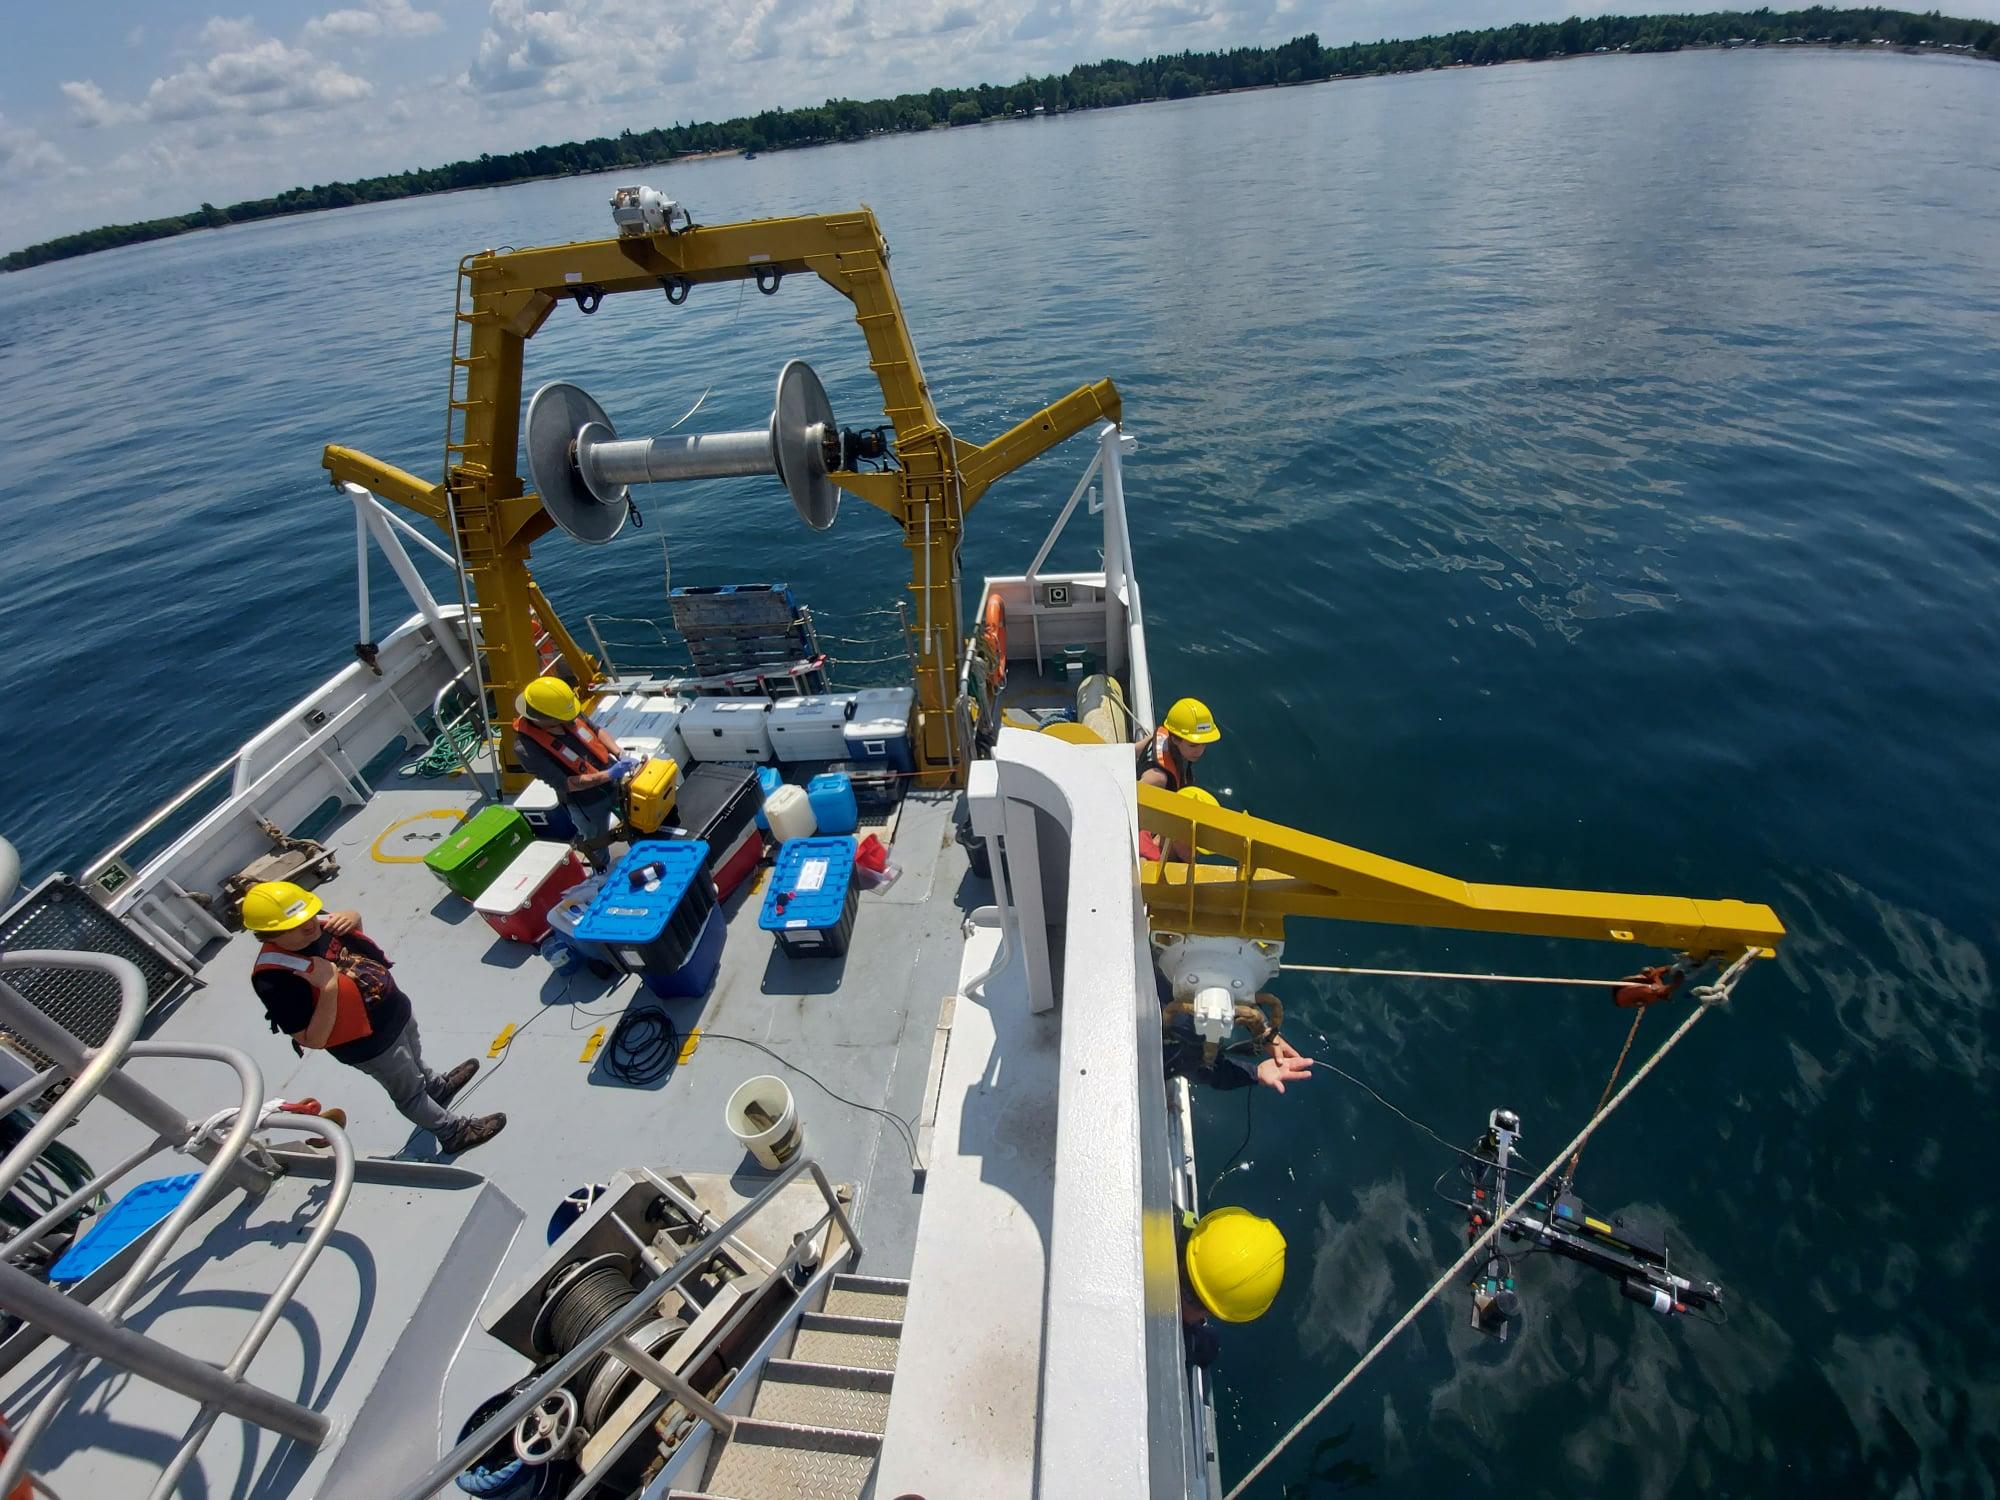 Mission du navire de recherche Lampsilis: des scientifiques recueillent de nouvelles données sur le fleuve Saint-Laurent